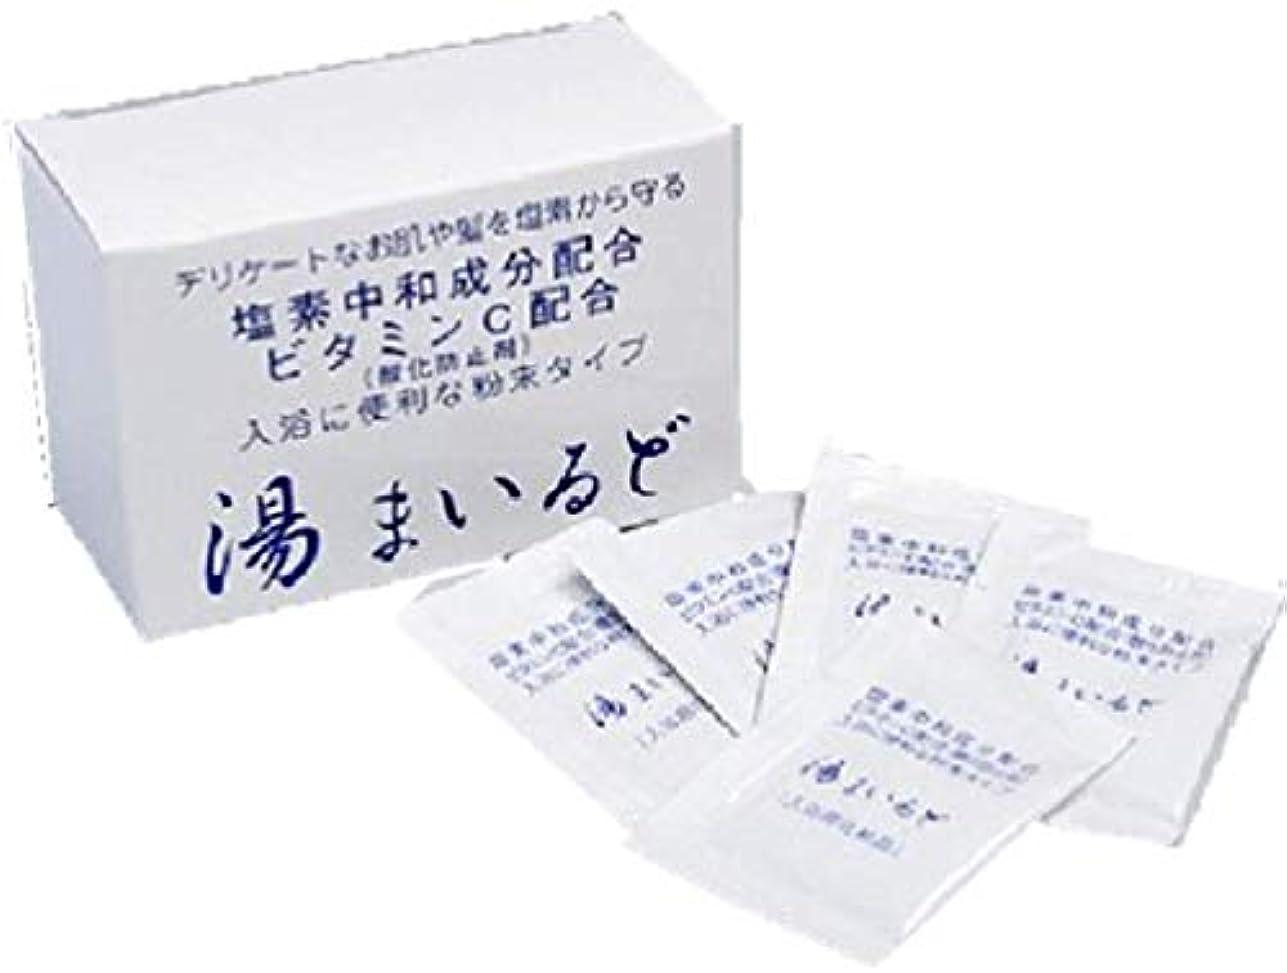 サーキュレーション予防接種するファン塩素中和入浴剤 湯まいるど 30包